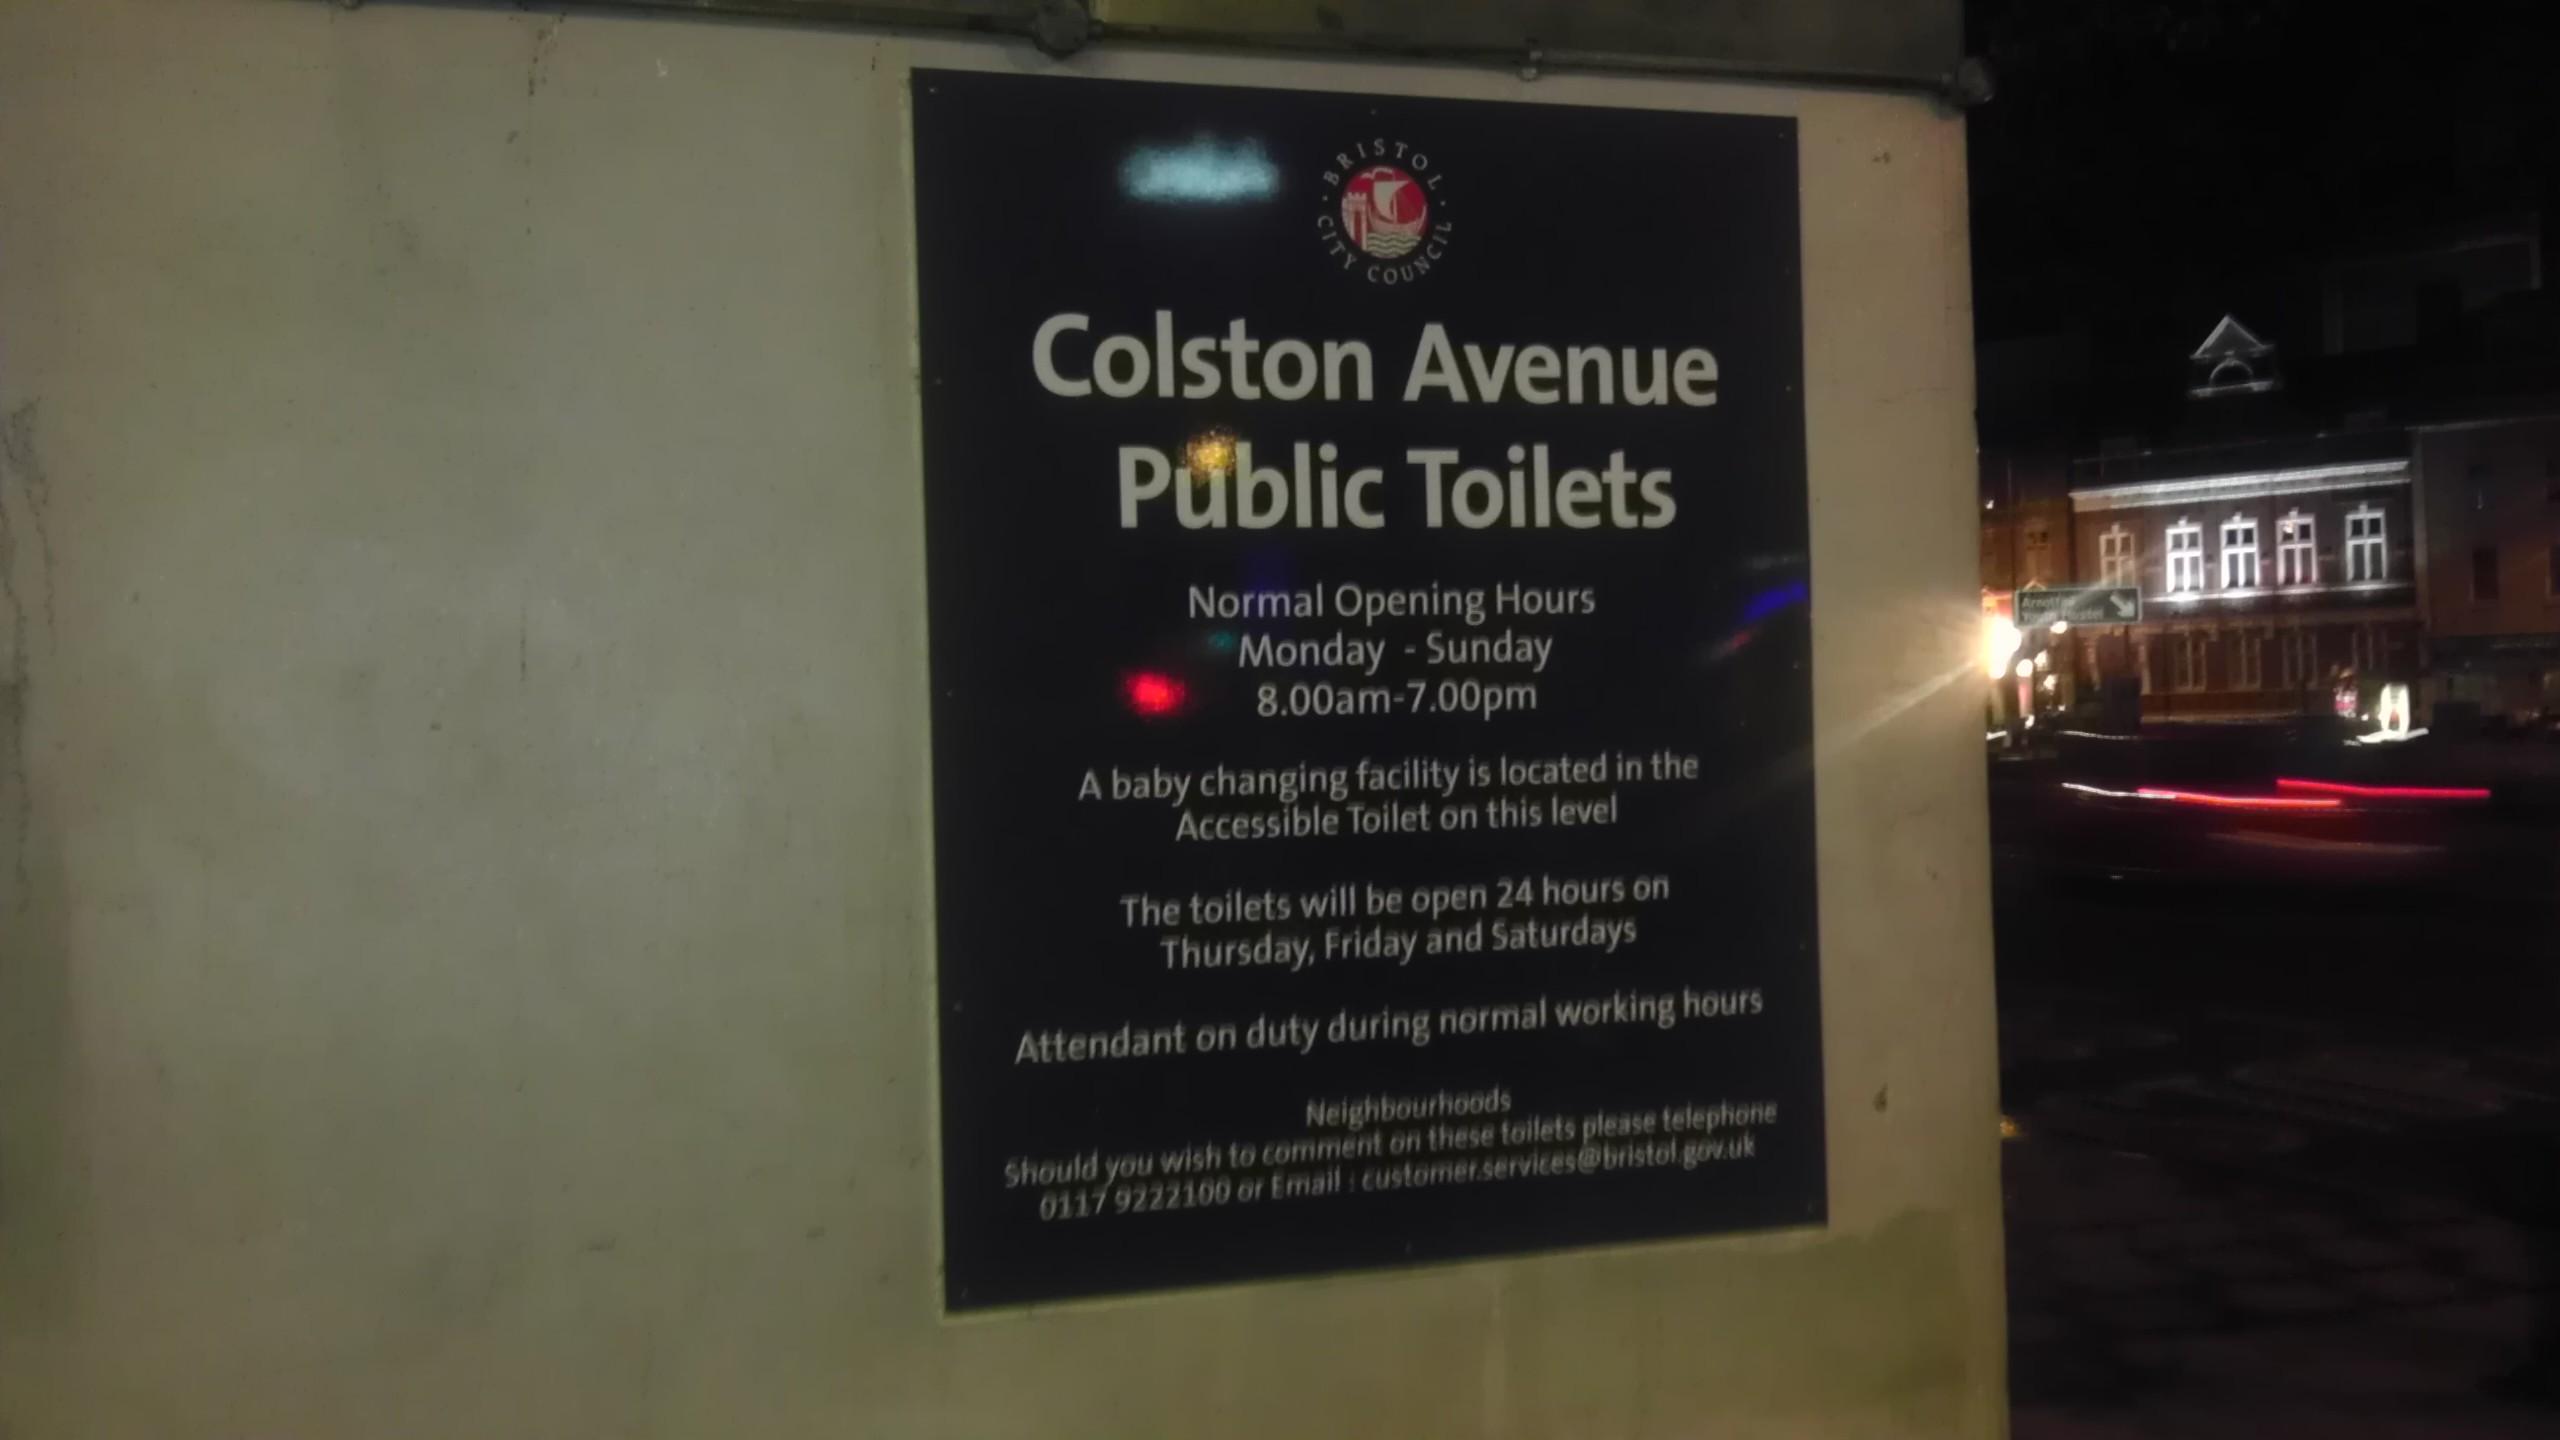 Colston Avenue